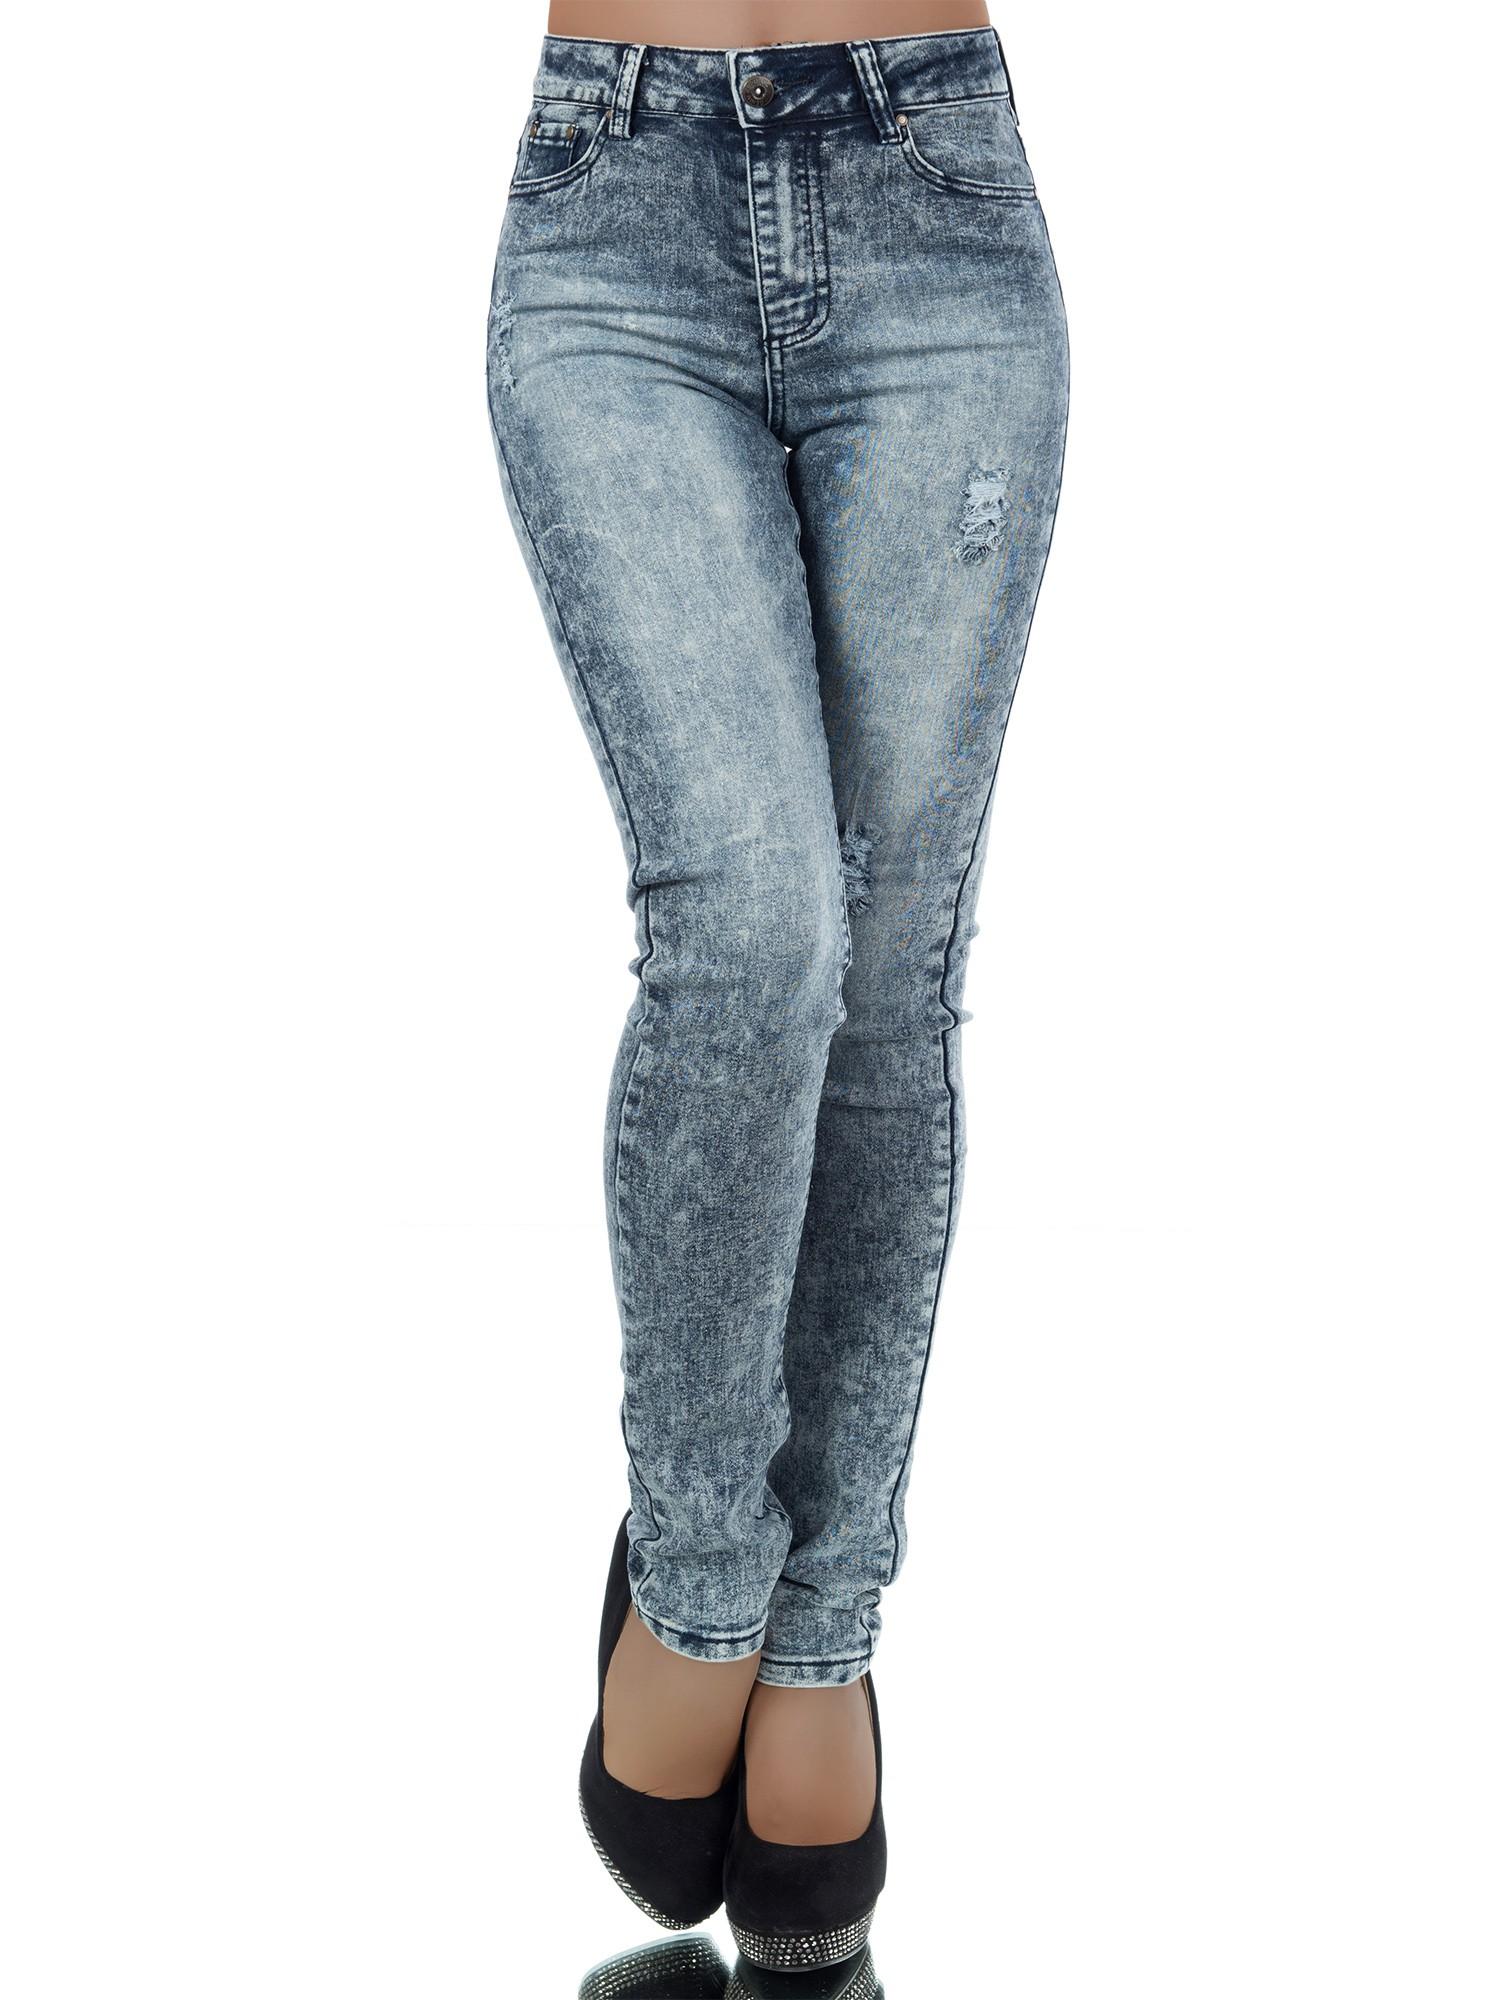 Dámské strečové džíny plísňáky modrá (Dámské džíny)